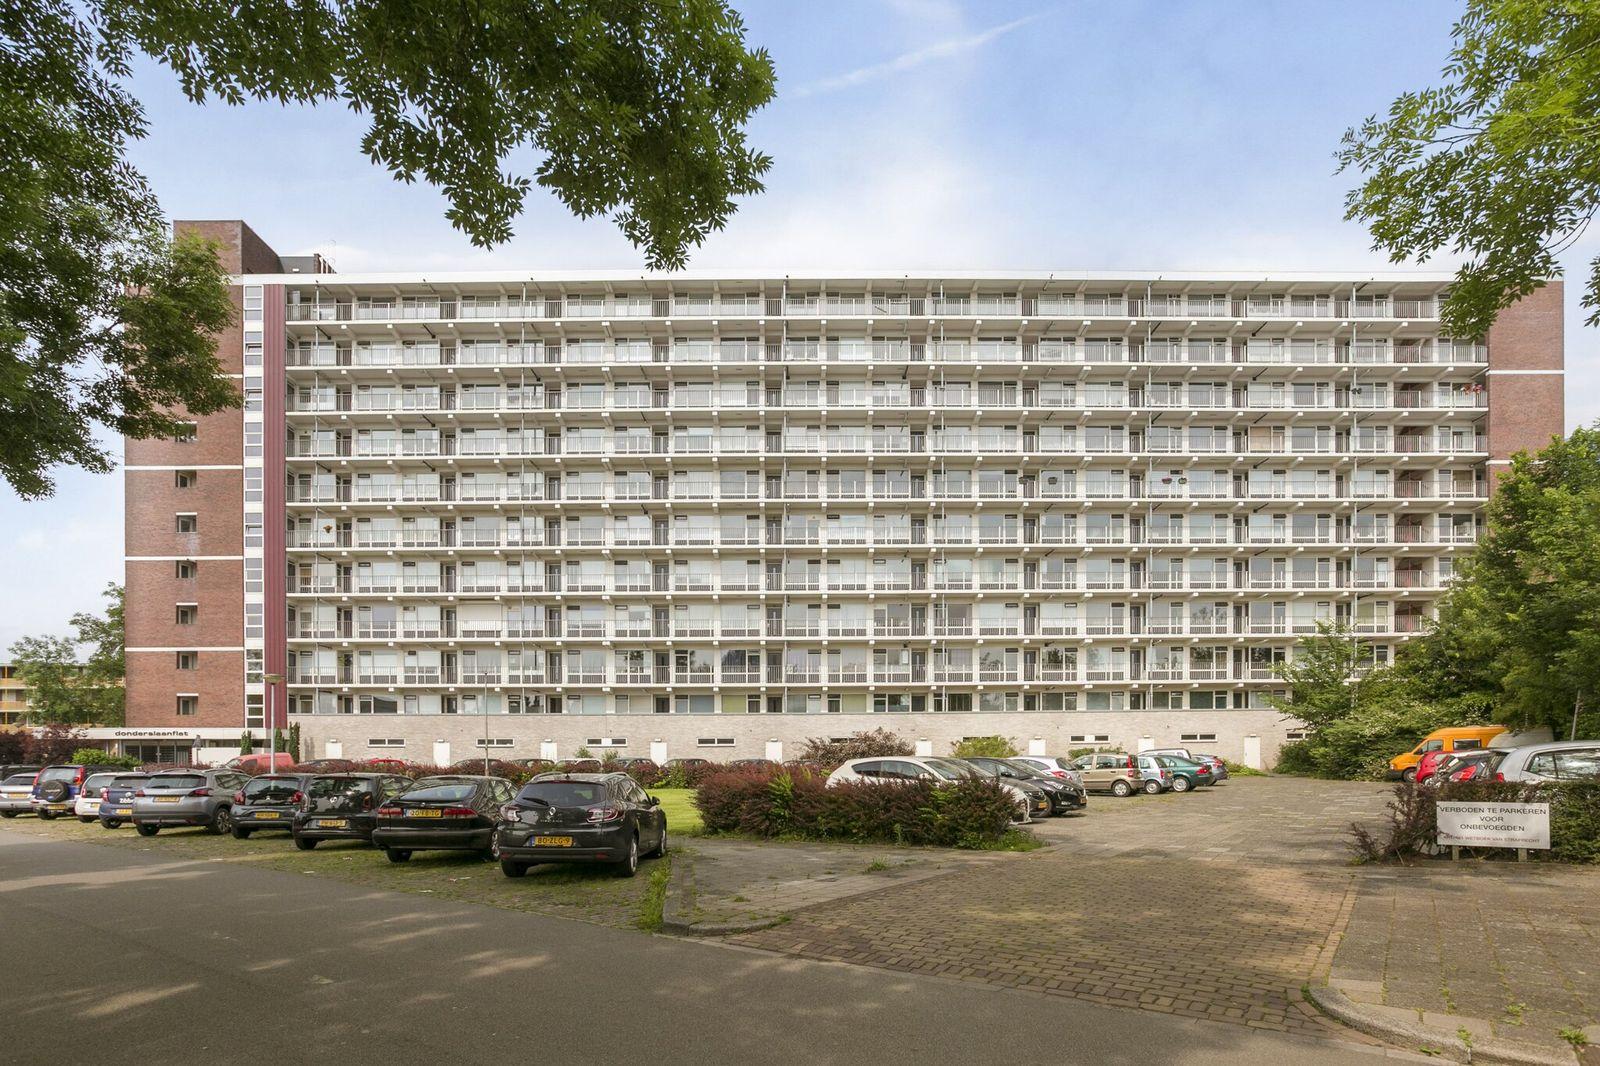 Donderslaan 88, Groningen